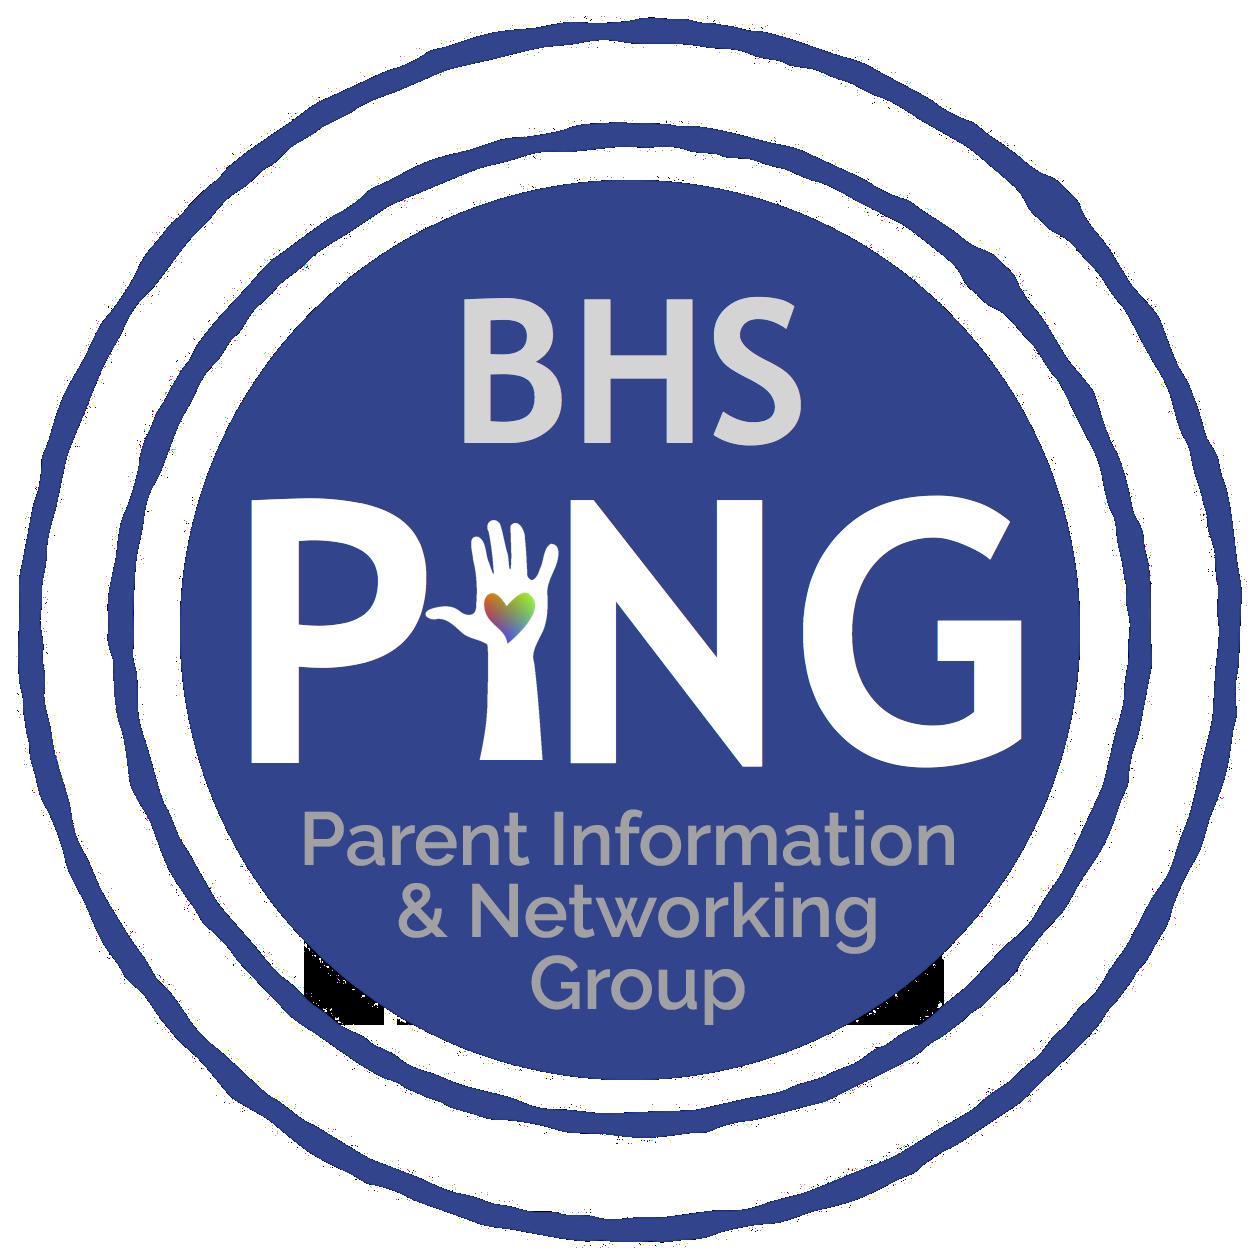 ping.logo.2018.png